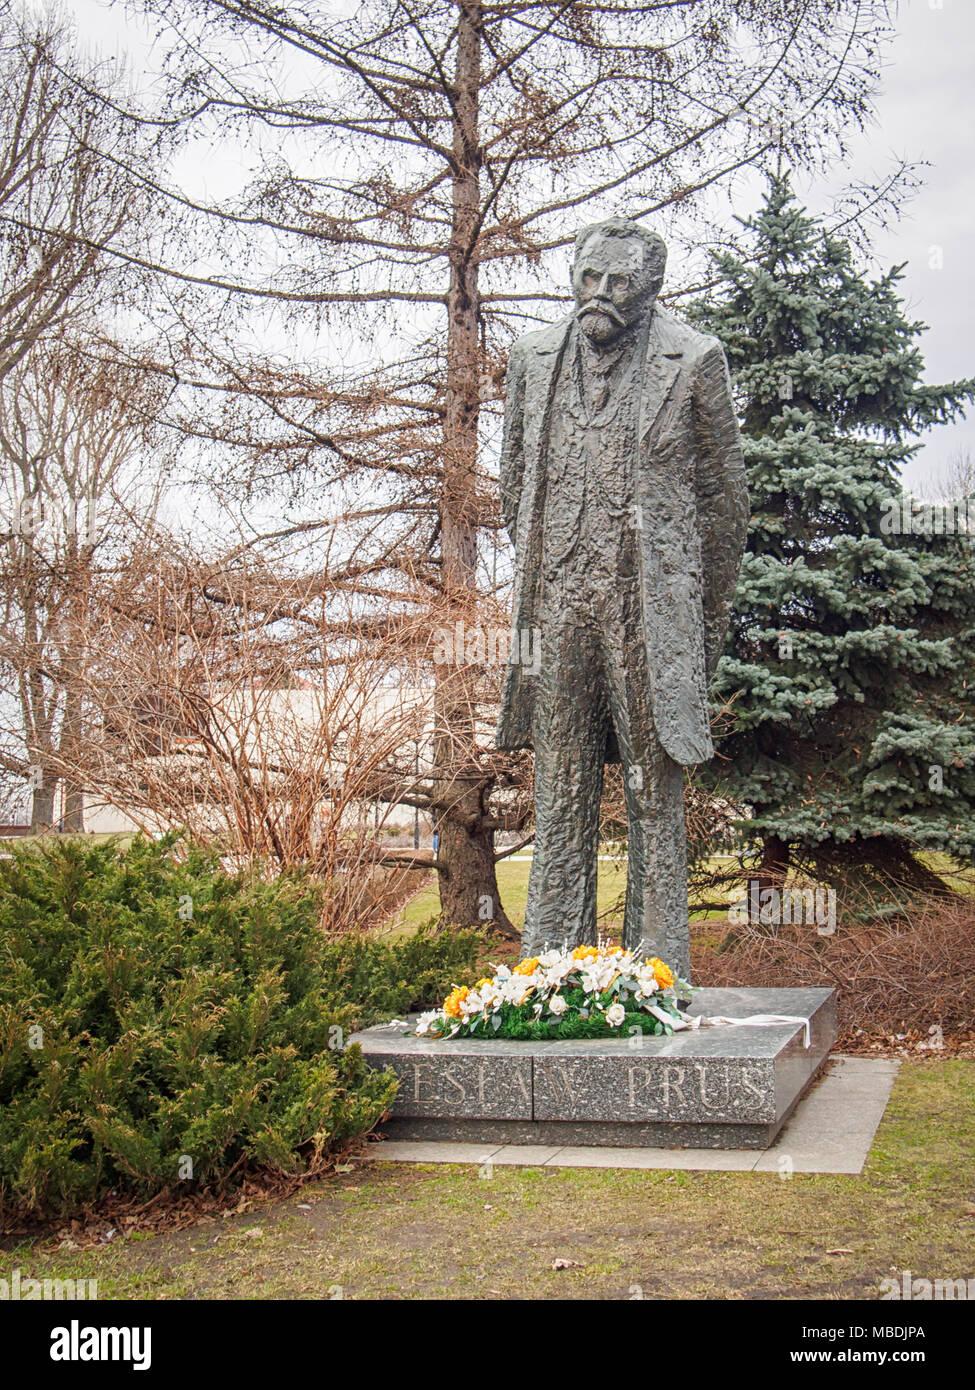 WARSAW, POLAND-APRIL 3, 2018: Boleslaw Prus Monument in Krakowskie Przedmiescie - Stock Image